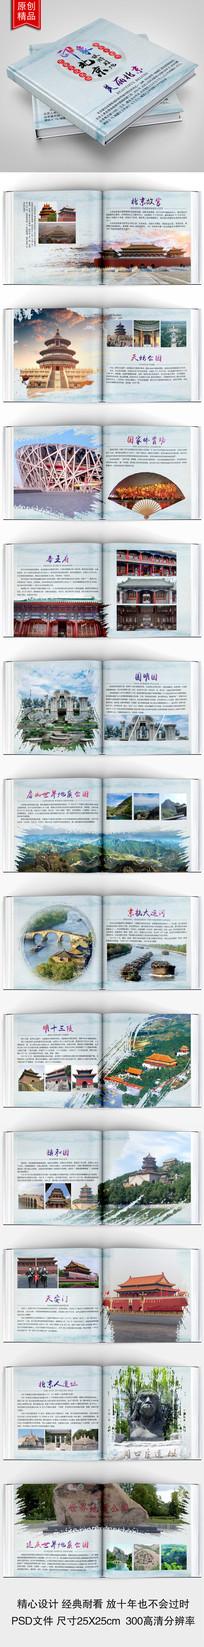 经典中国风北京印象旅游画册